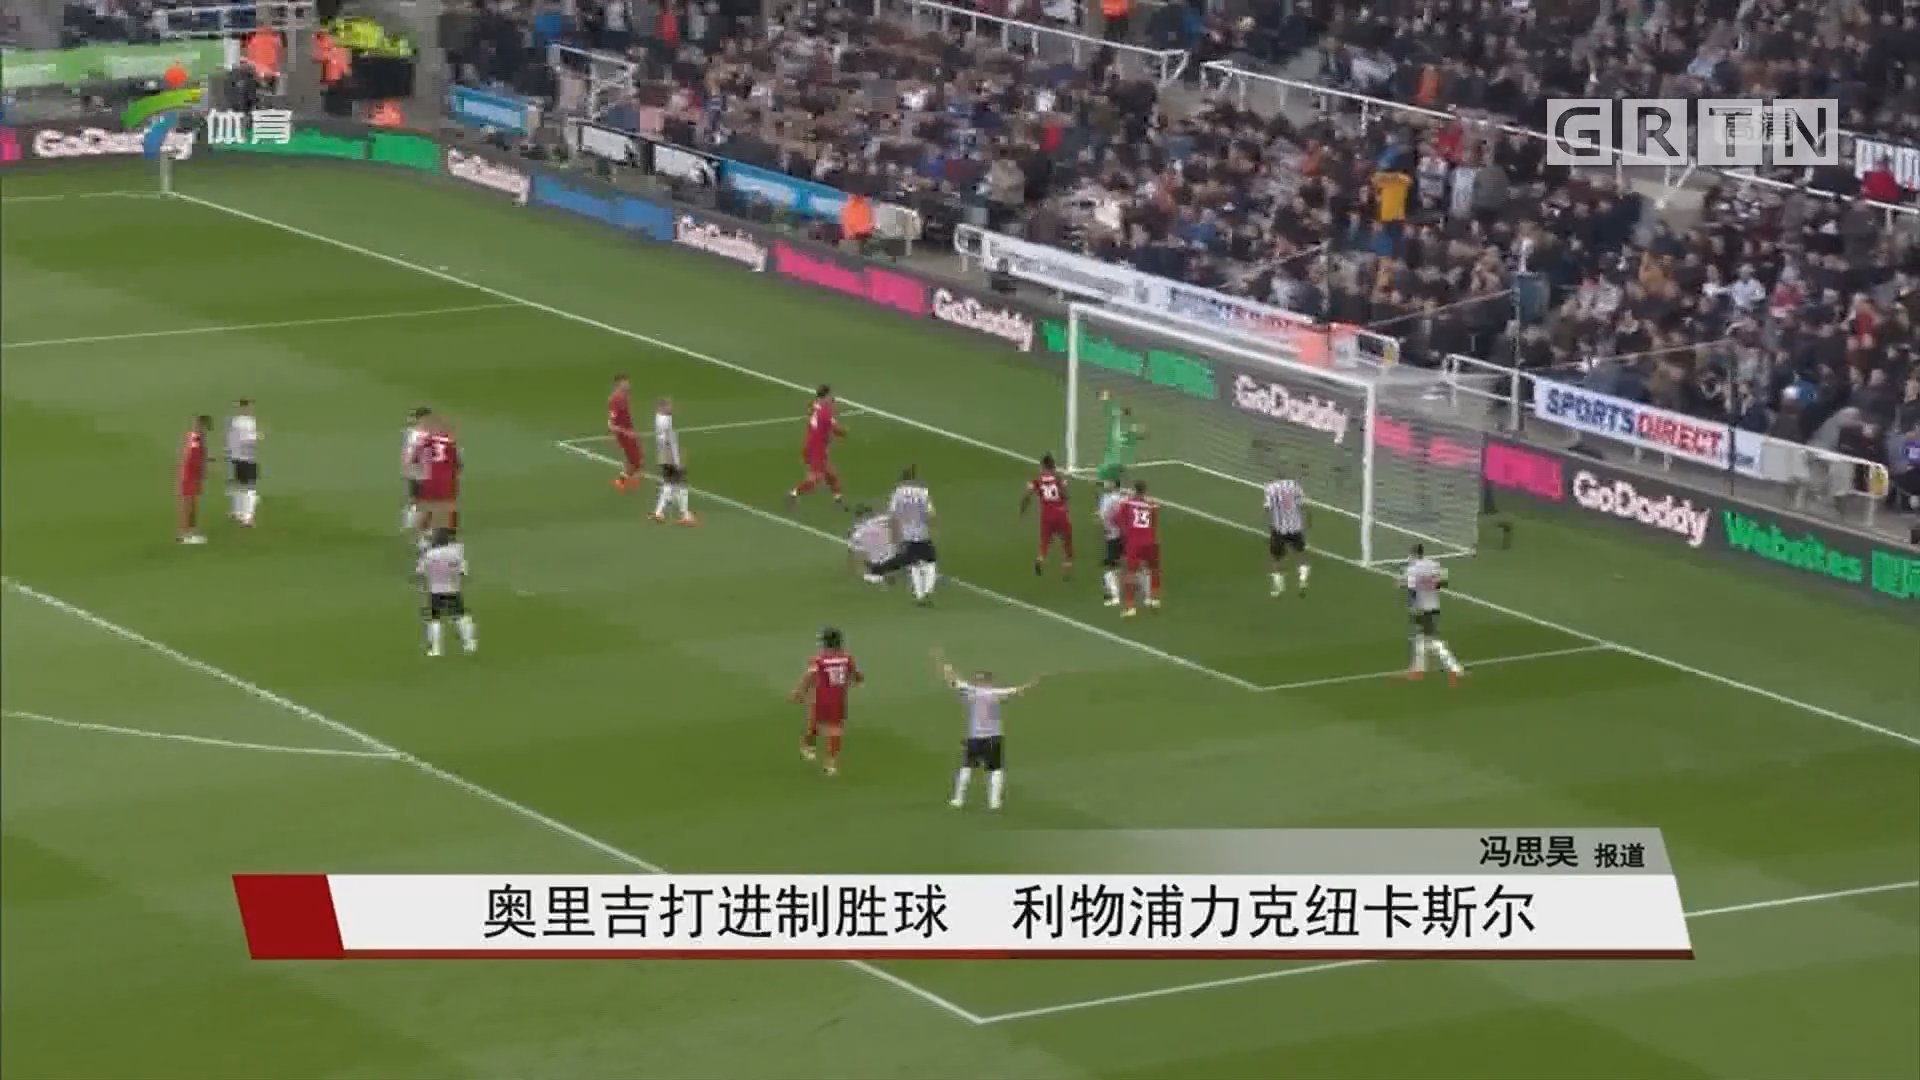 奥里吉打进制胜球 利物浦力克纽卡斯尔